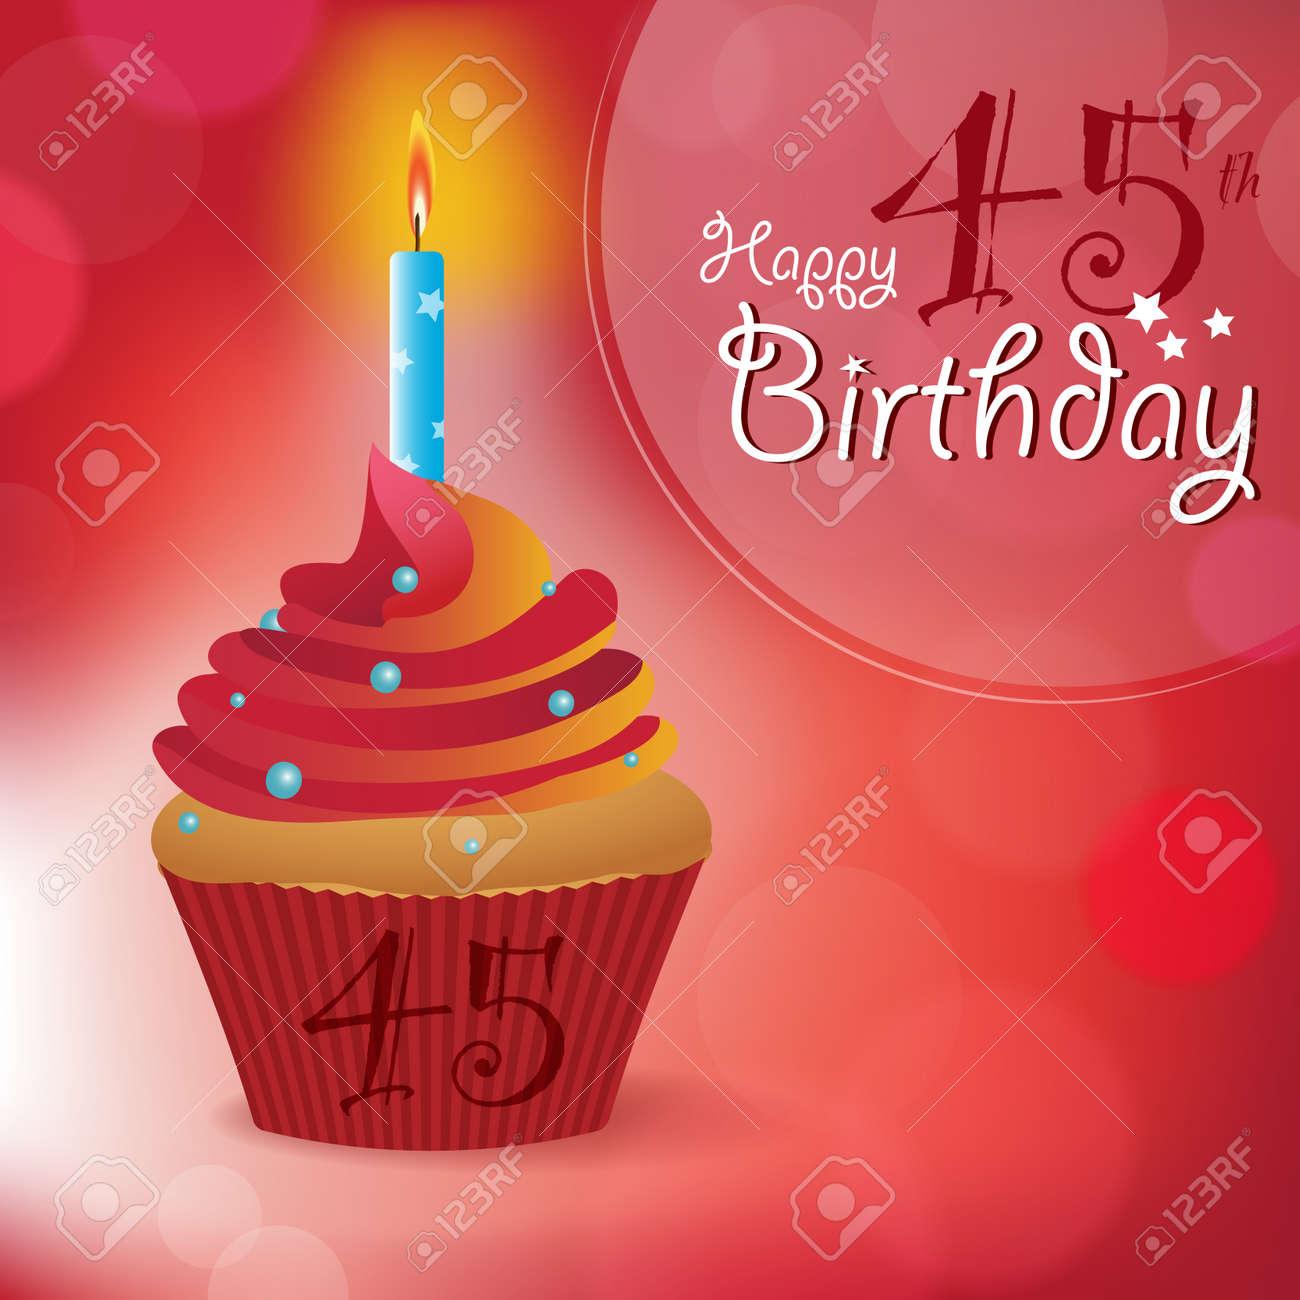 Auguri Buon Compleanno 45.Buon 45 Compleanno Di Auguri Messaggio Di Invito Bokeh Sfondo Vettoriale Con Una Candela Su Un Cupcake